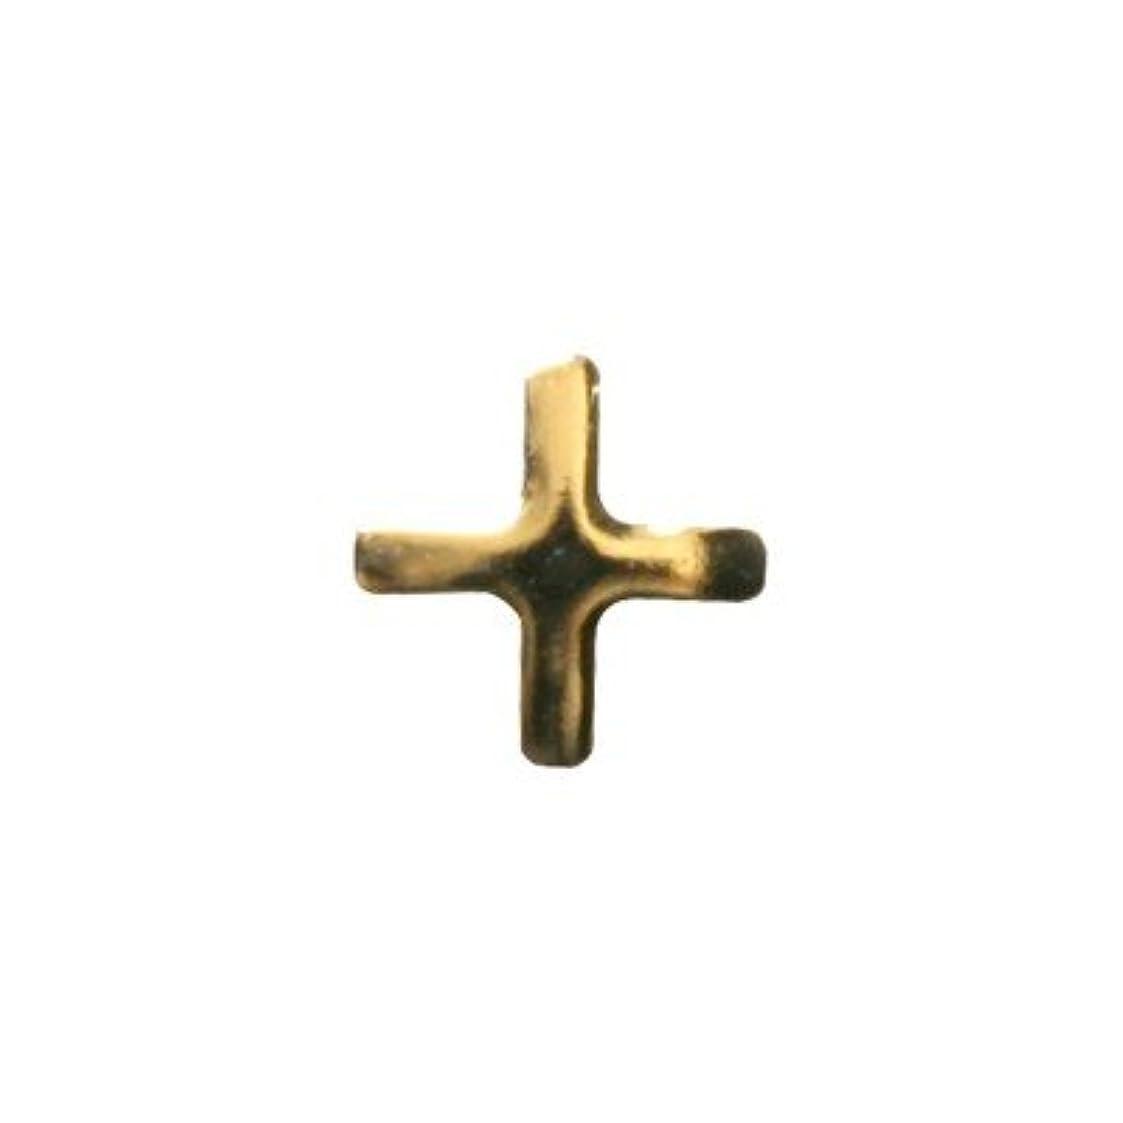 粗いホイッスル解明ピアドラ スタッズ クロスレット ハーフ 3mm 50P ゴールド